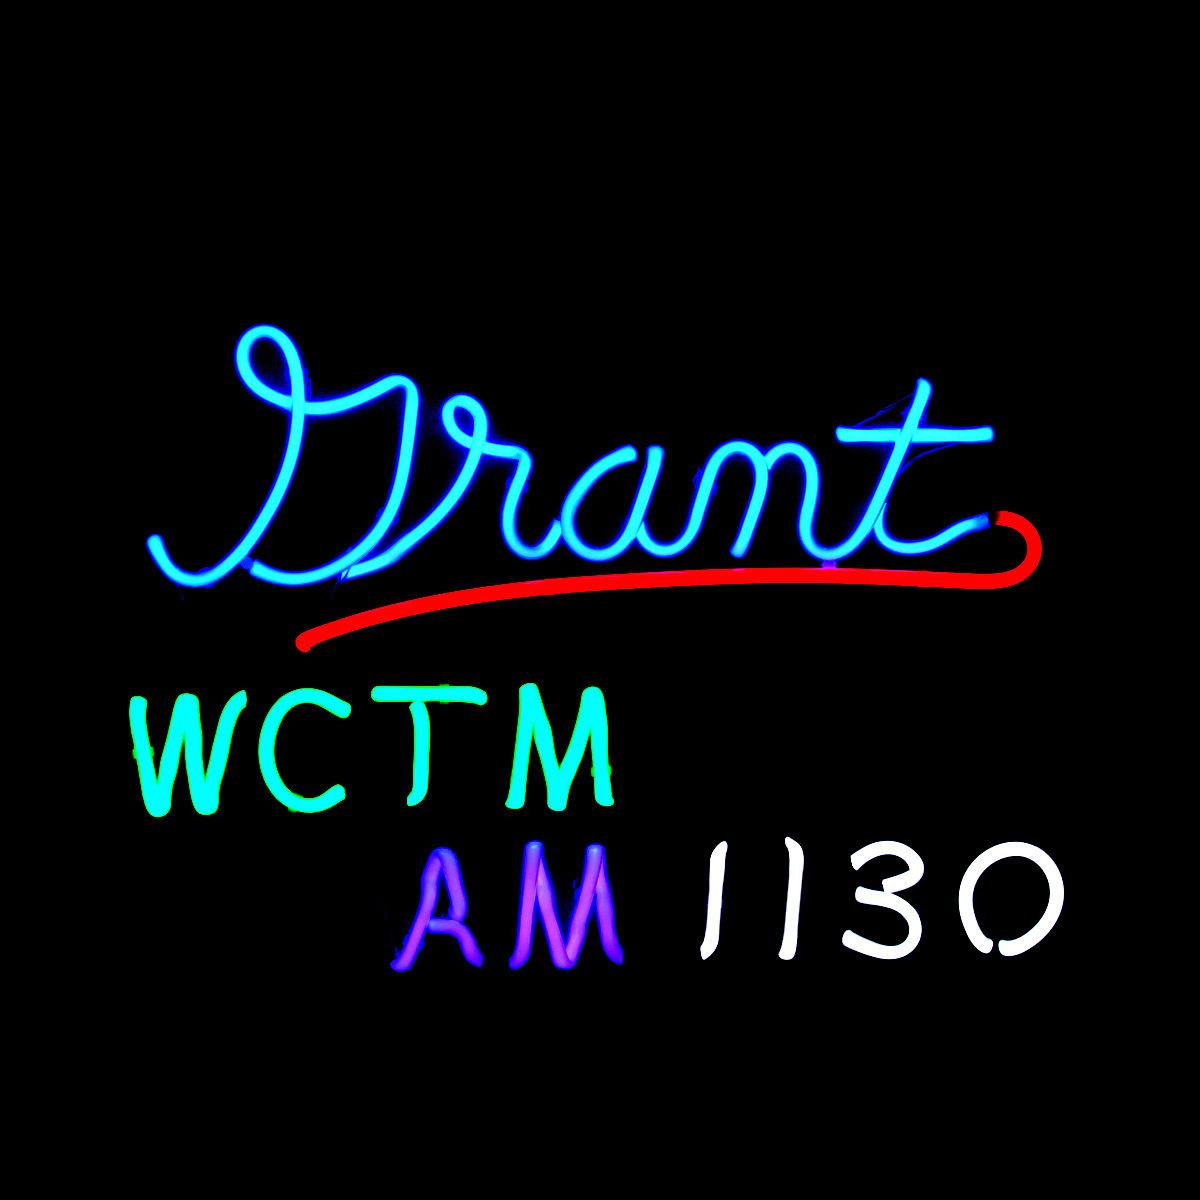 resized Grant.jpg